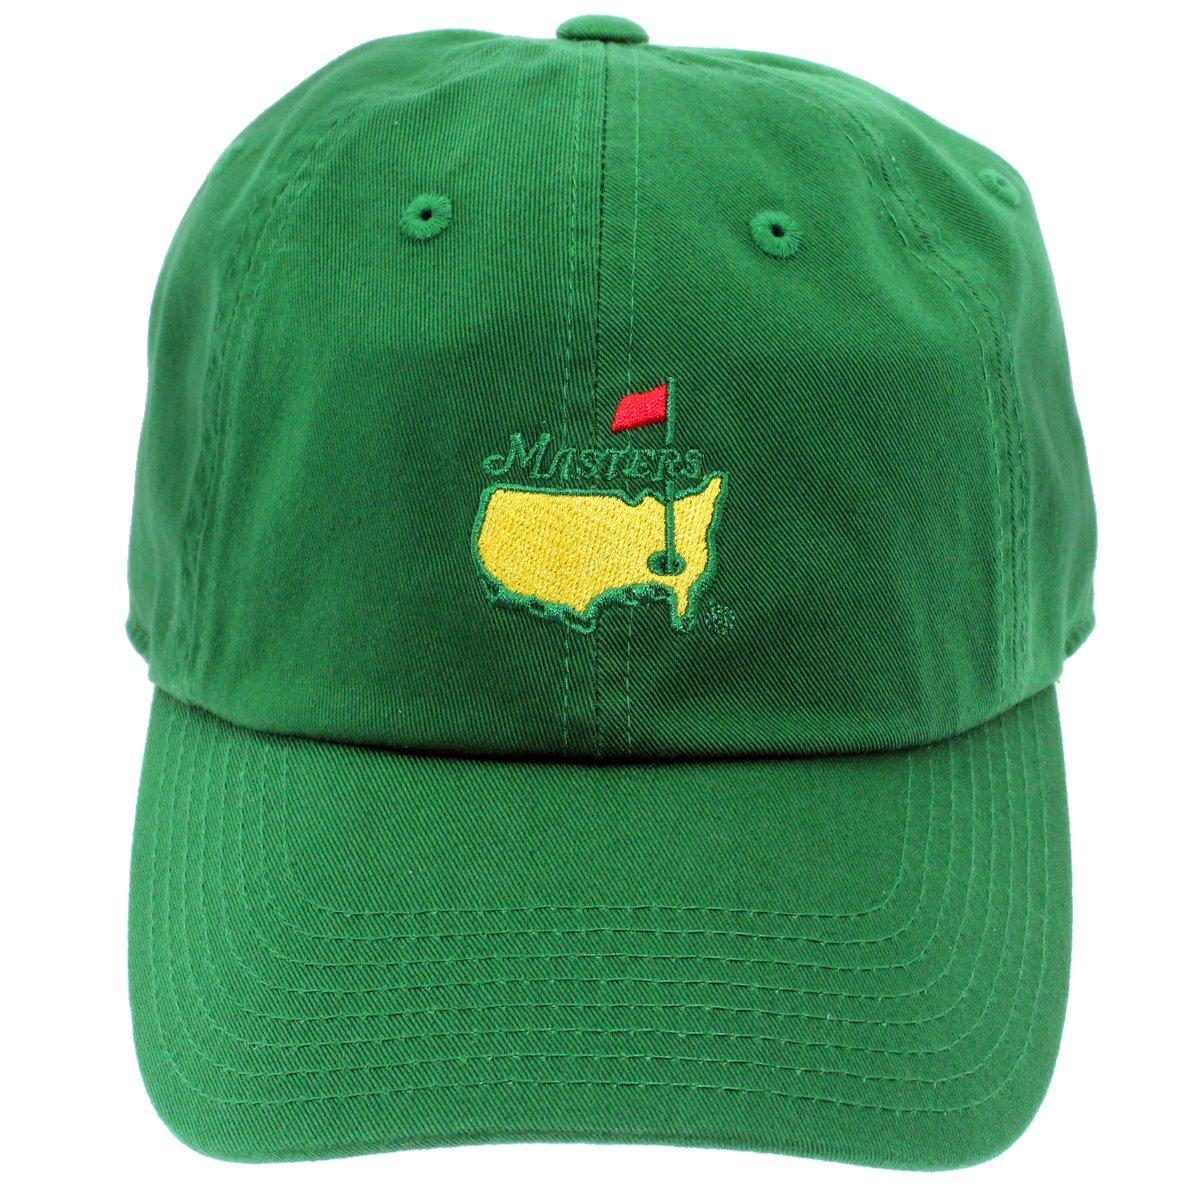 Amazon.com  The Masters Golf Tournament Green Caddy Hat  Sports Collectibles 04e49180e2e